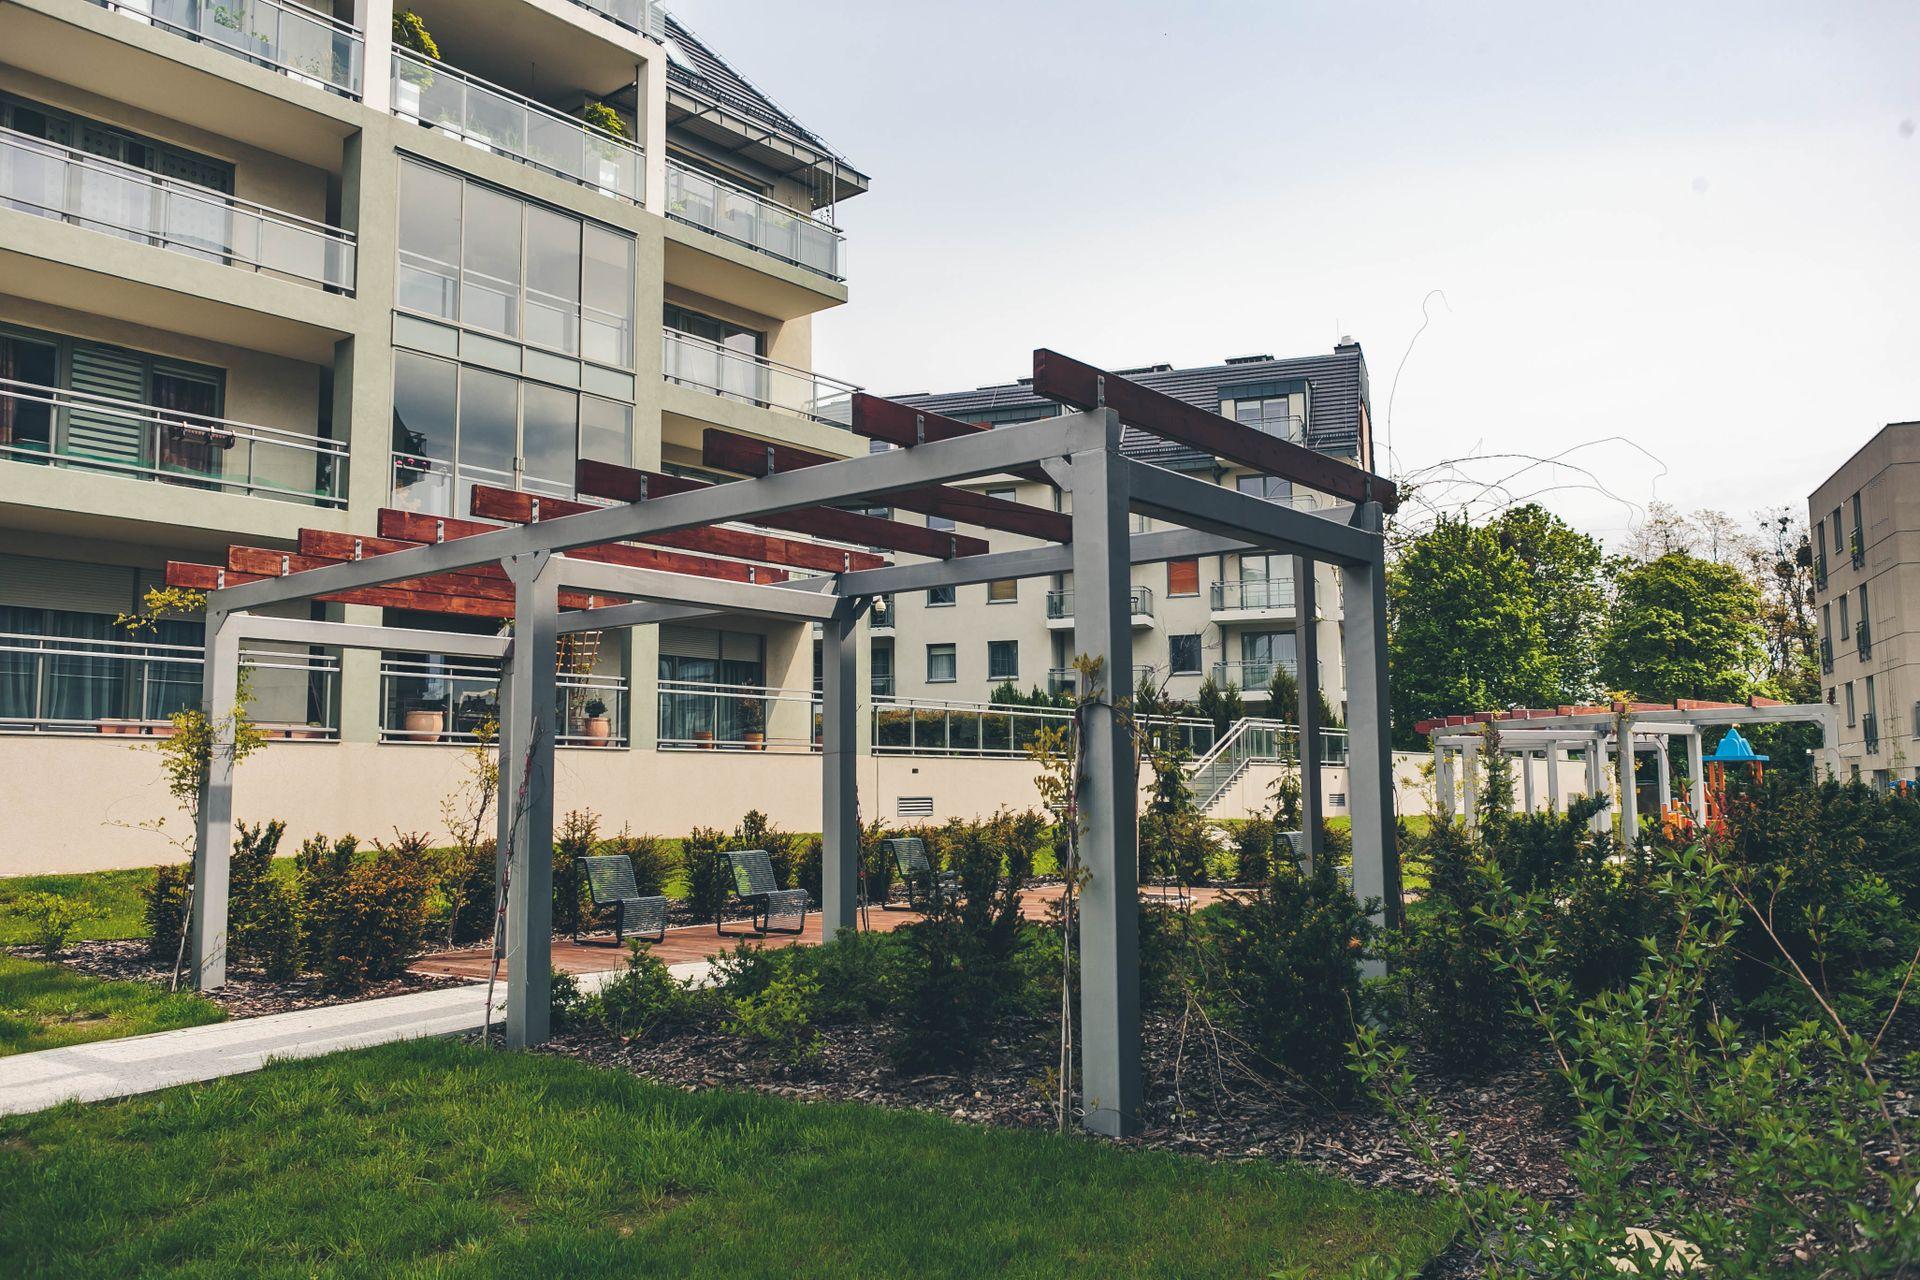 [Wrocław] Luksusowe apartamenty, sala fitness i położenie w centrum – to łączą w sobie Ogrody Hallera